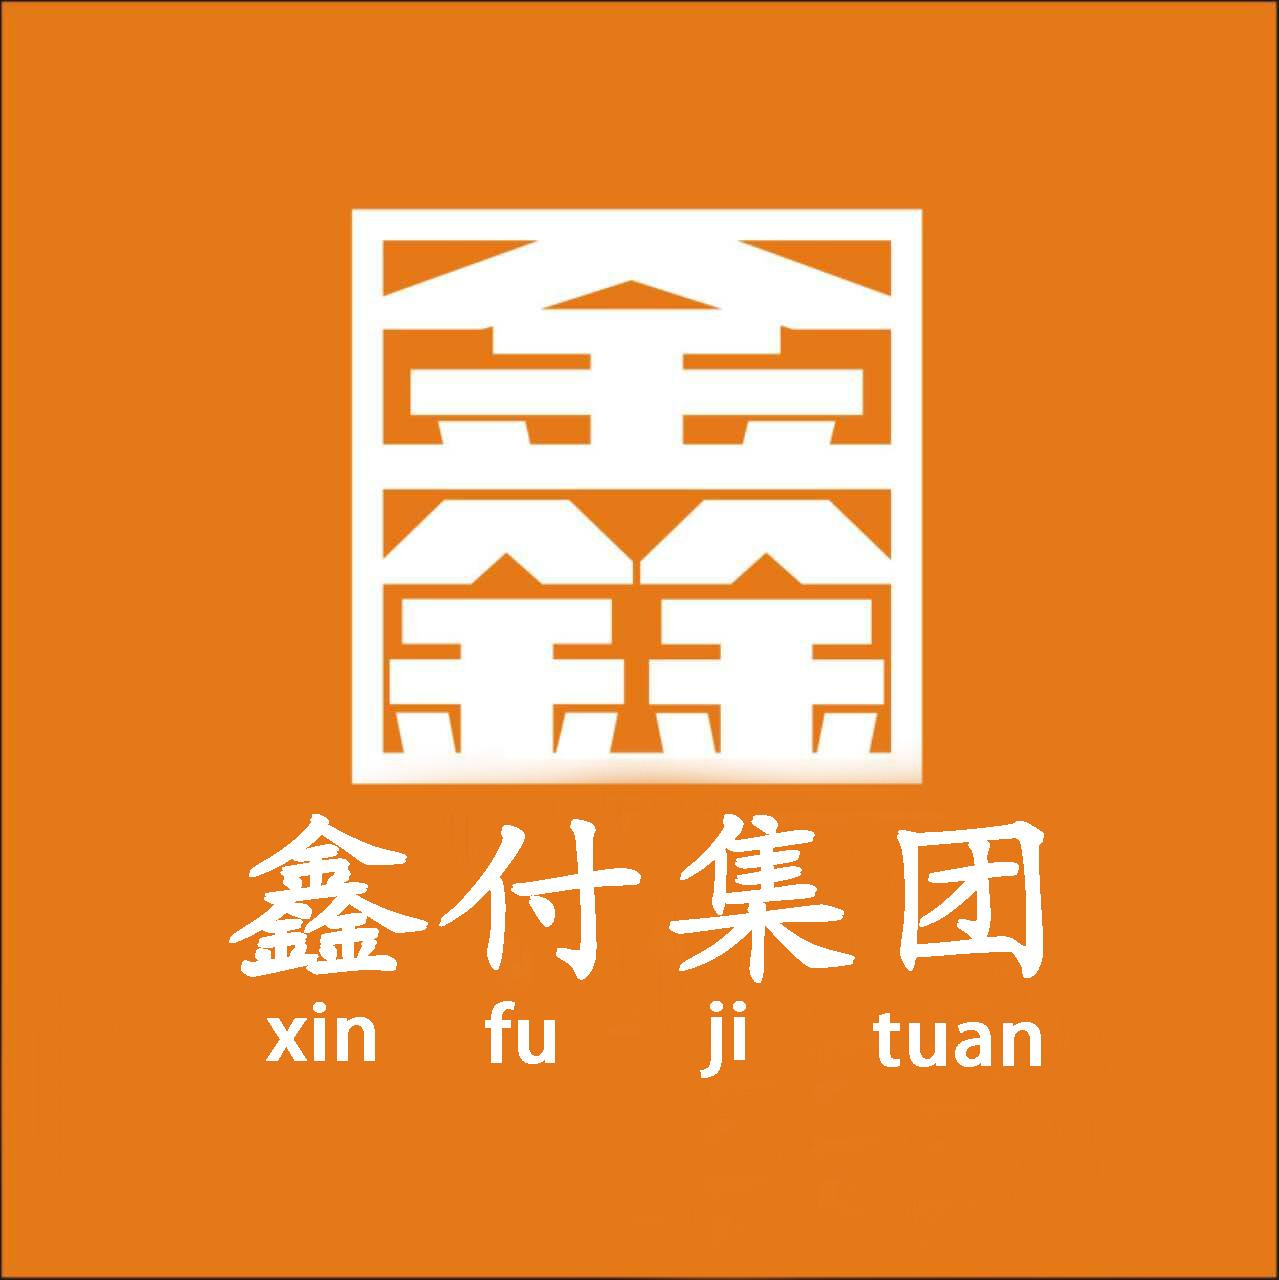 河南鑫付信息技术有限公司